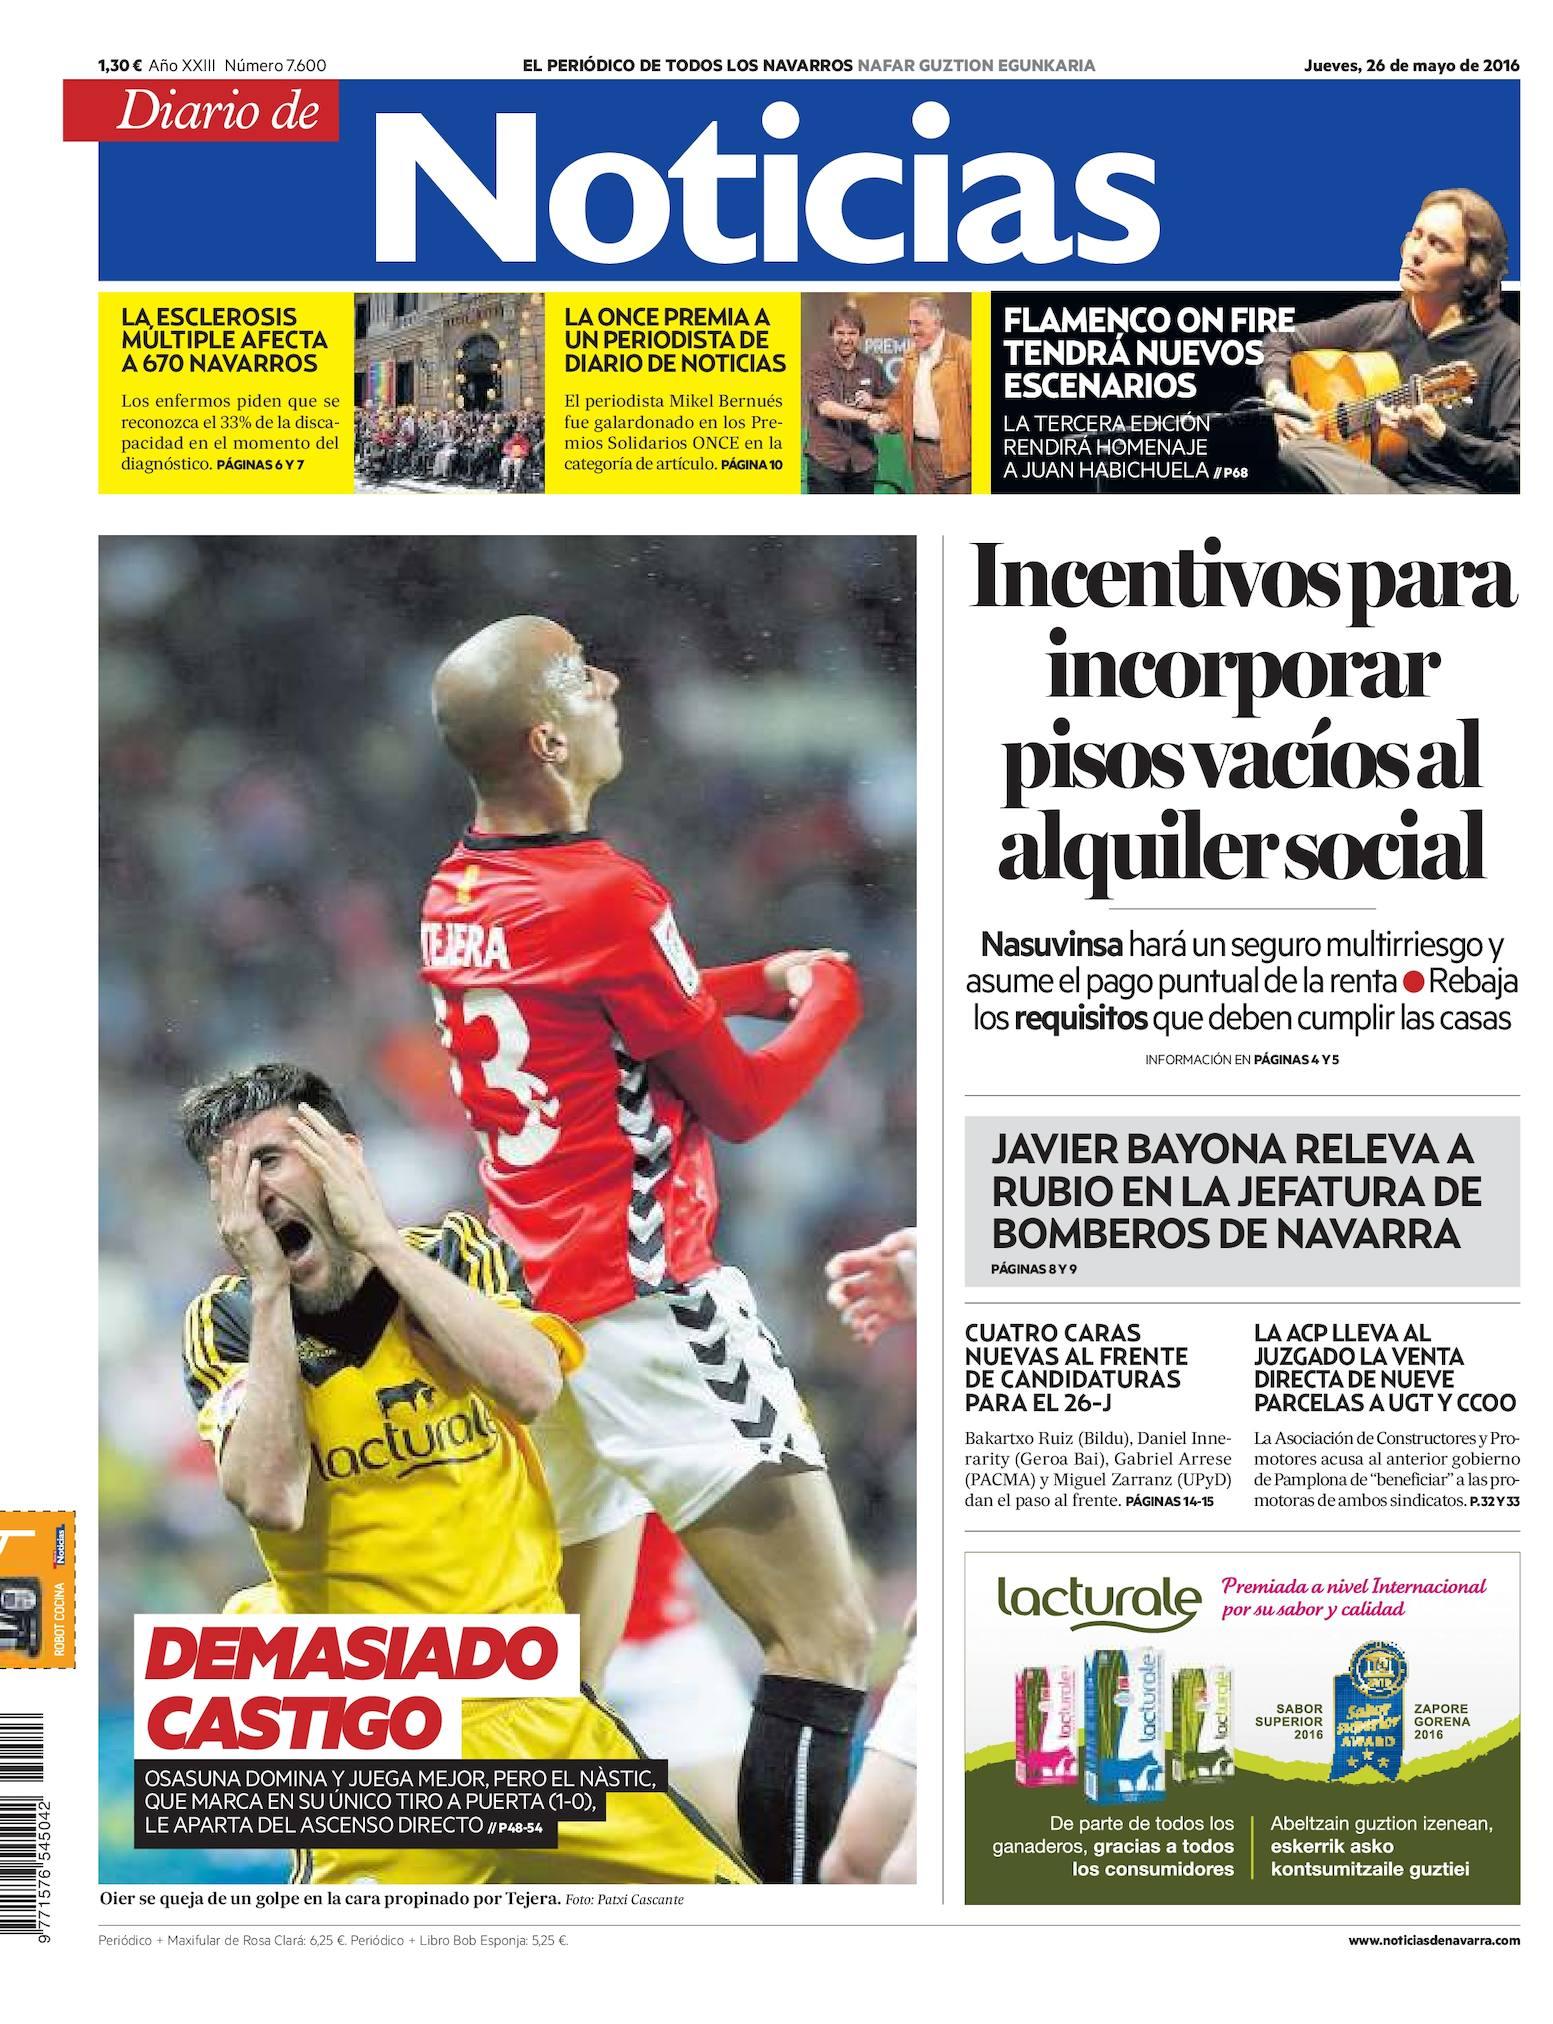 Apuestas de futbol para hoy reseña de casino Manaus - 52099